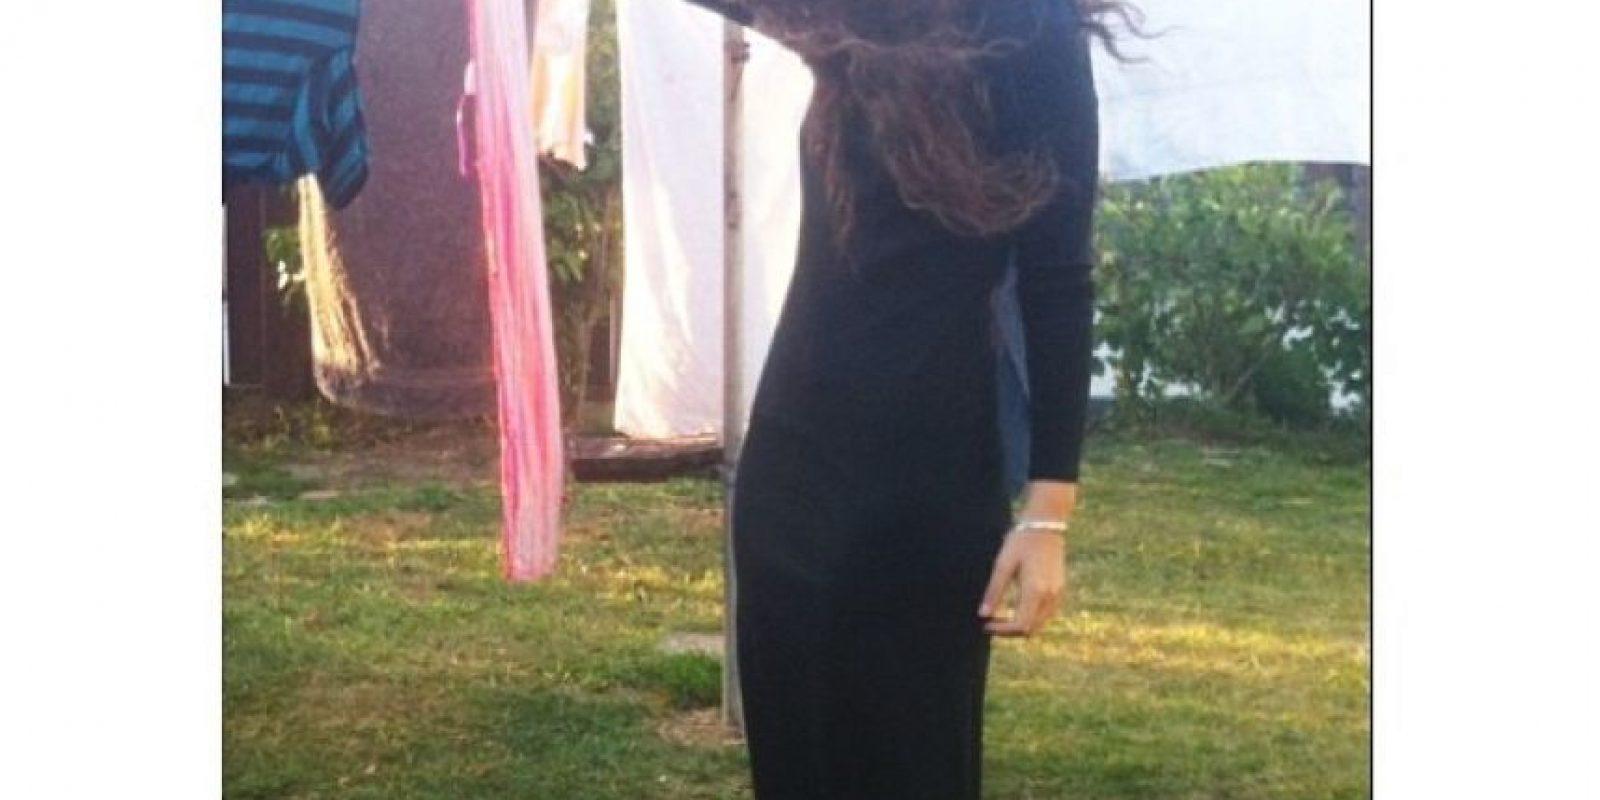 Al parecer, lava su ropa en casa Foto:Instagram/Lorde